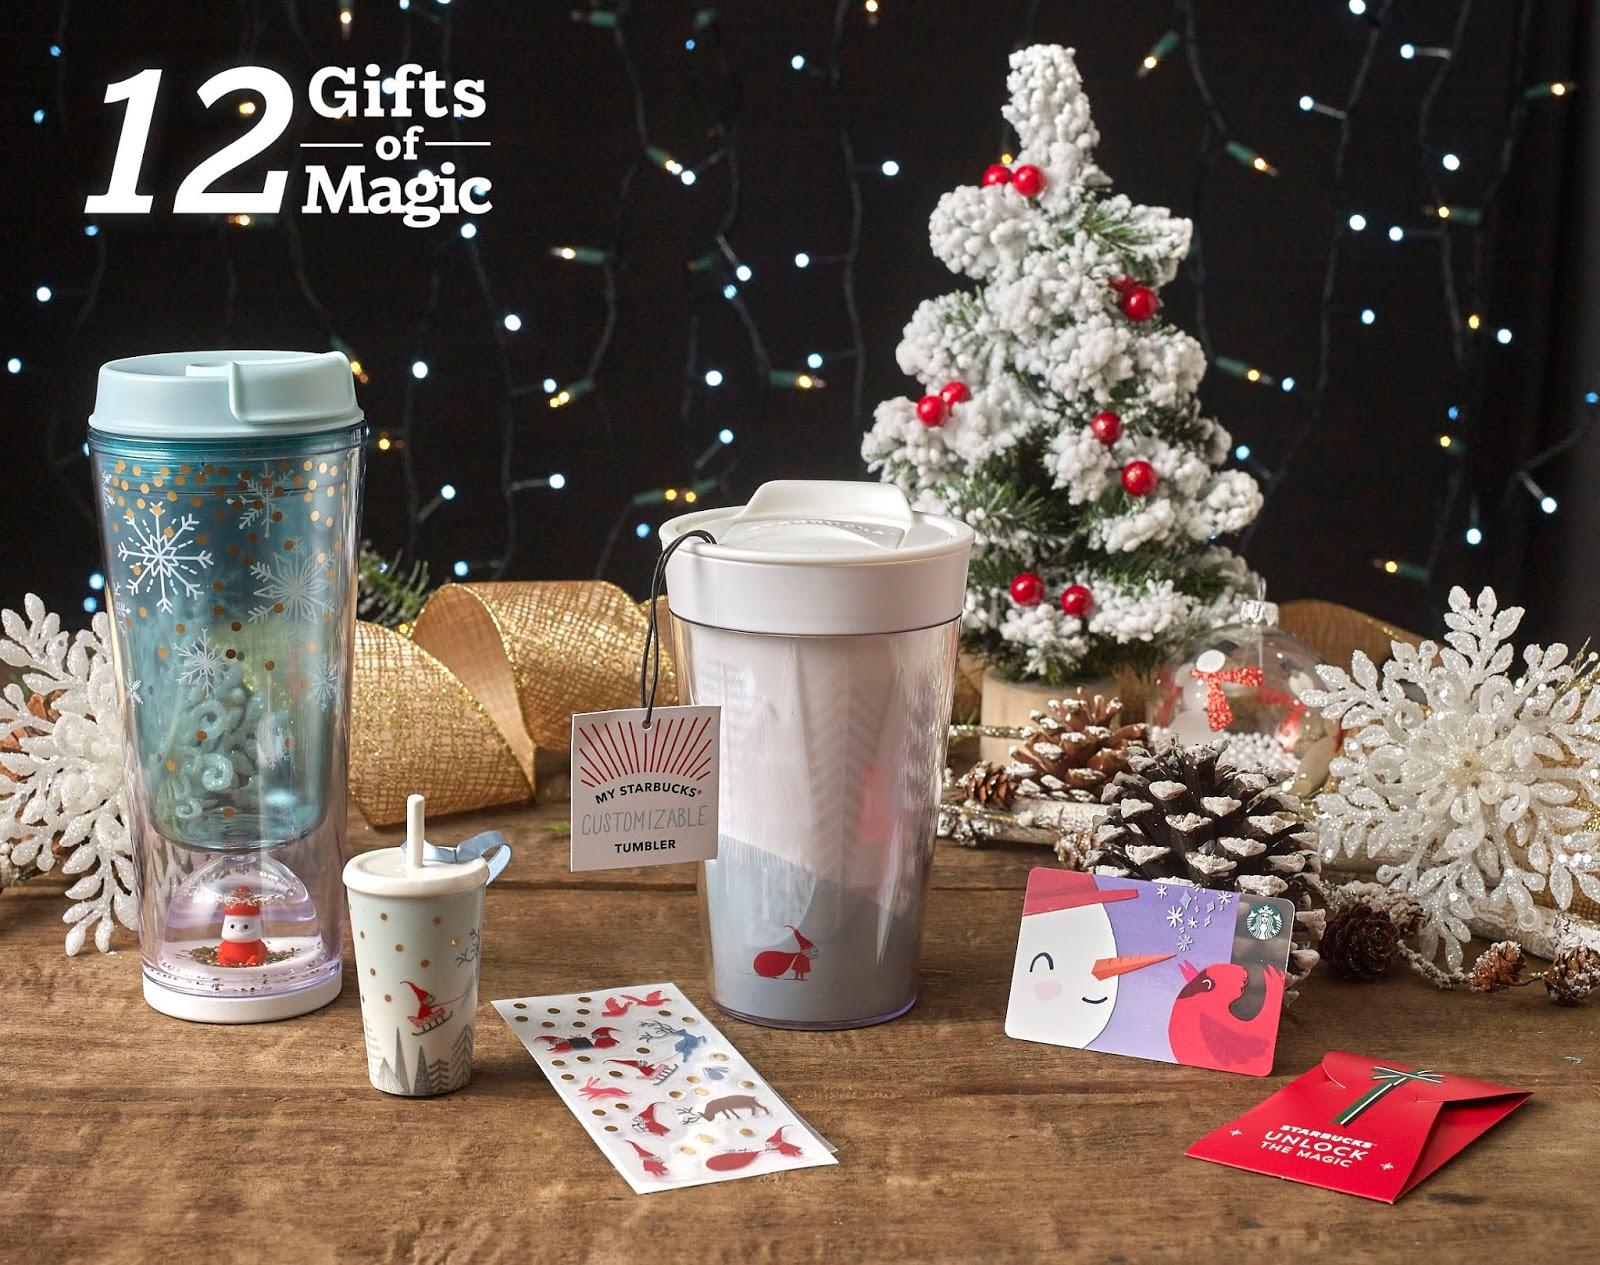 Starbucks 12 Gifts Of Magic